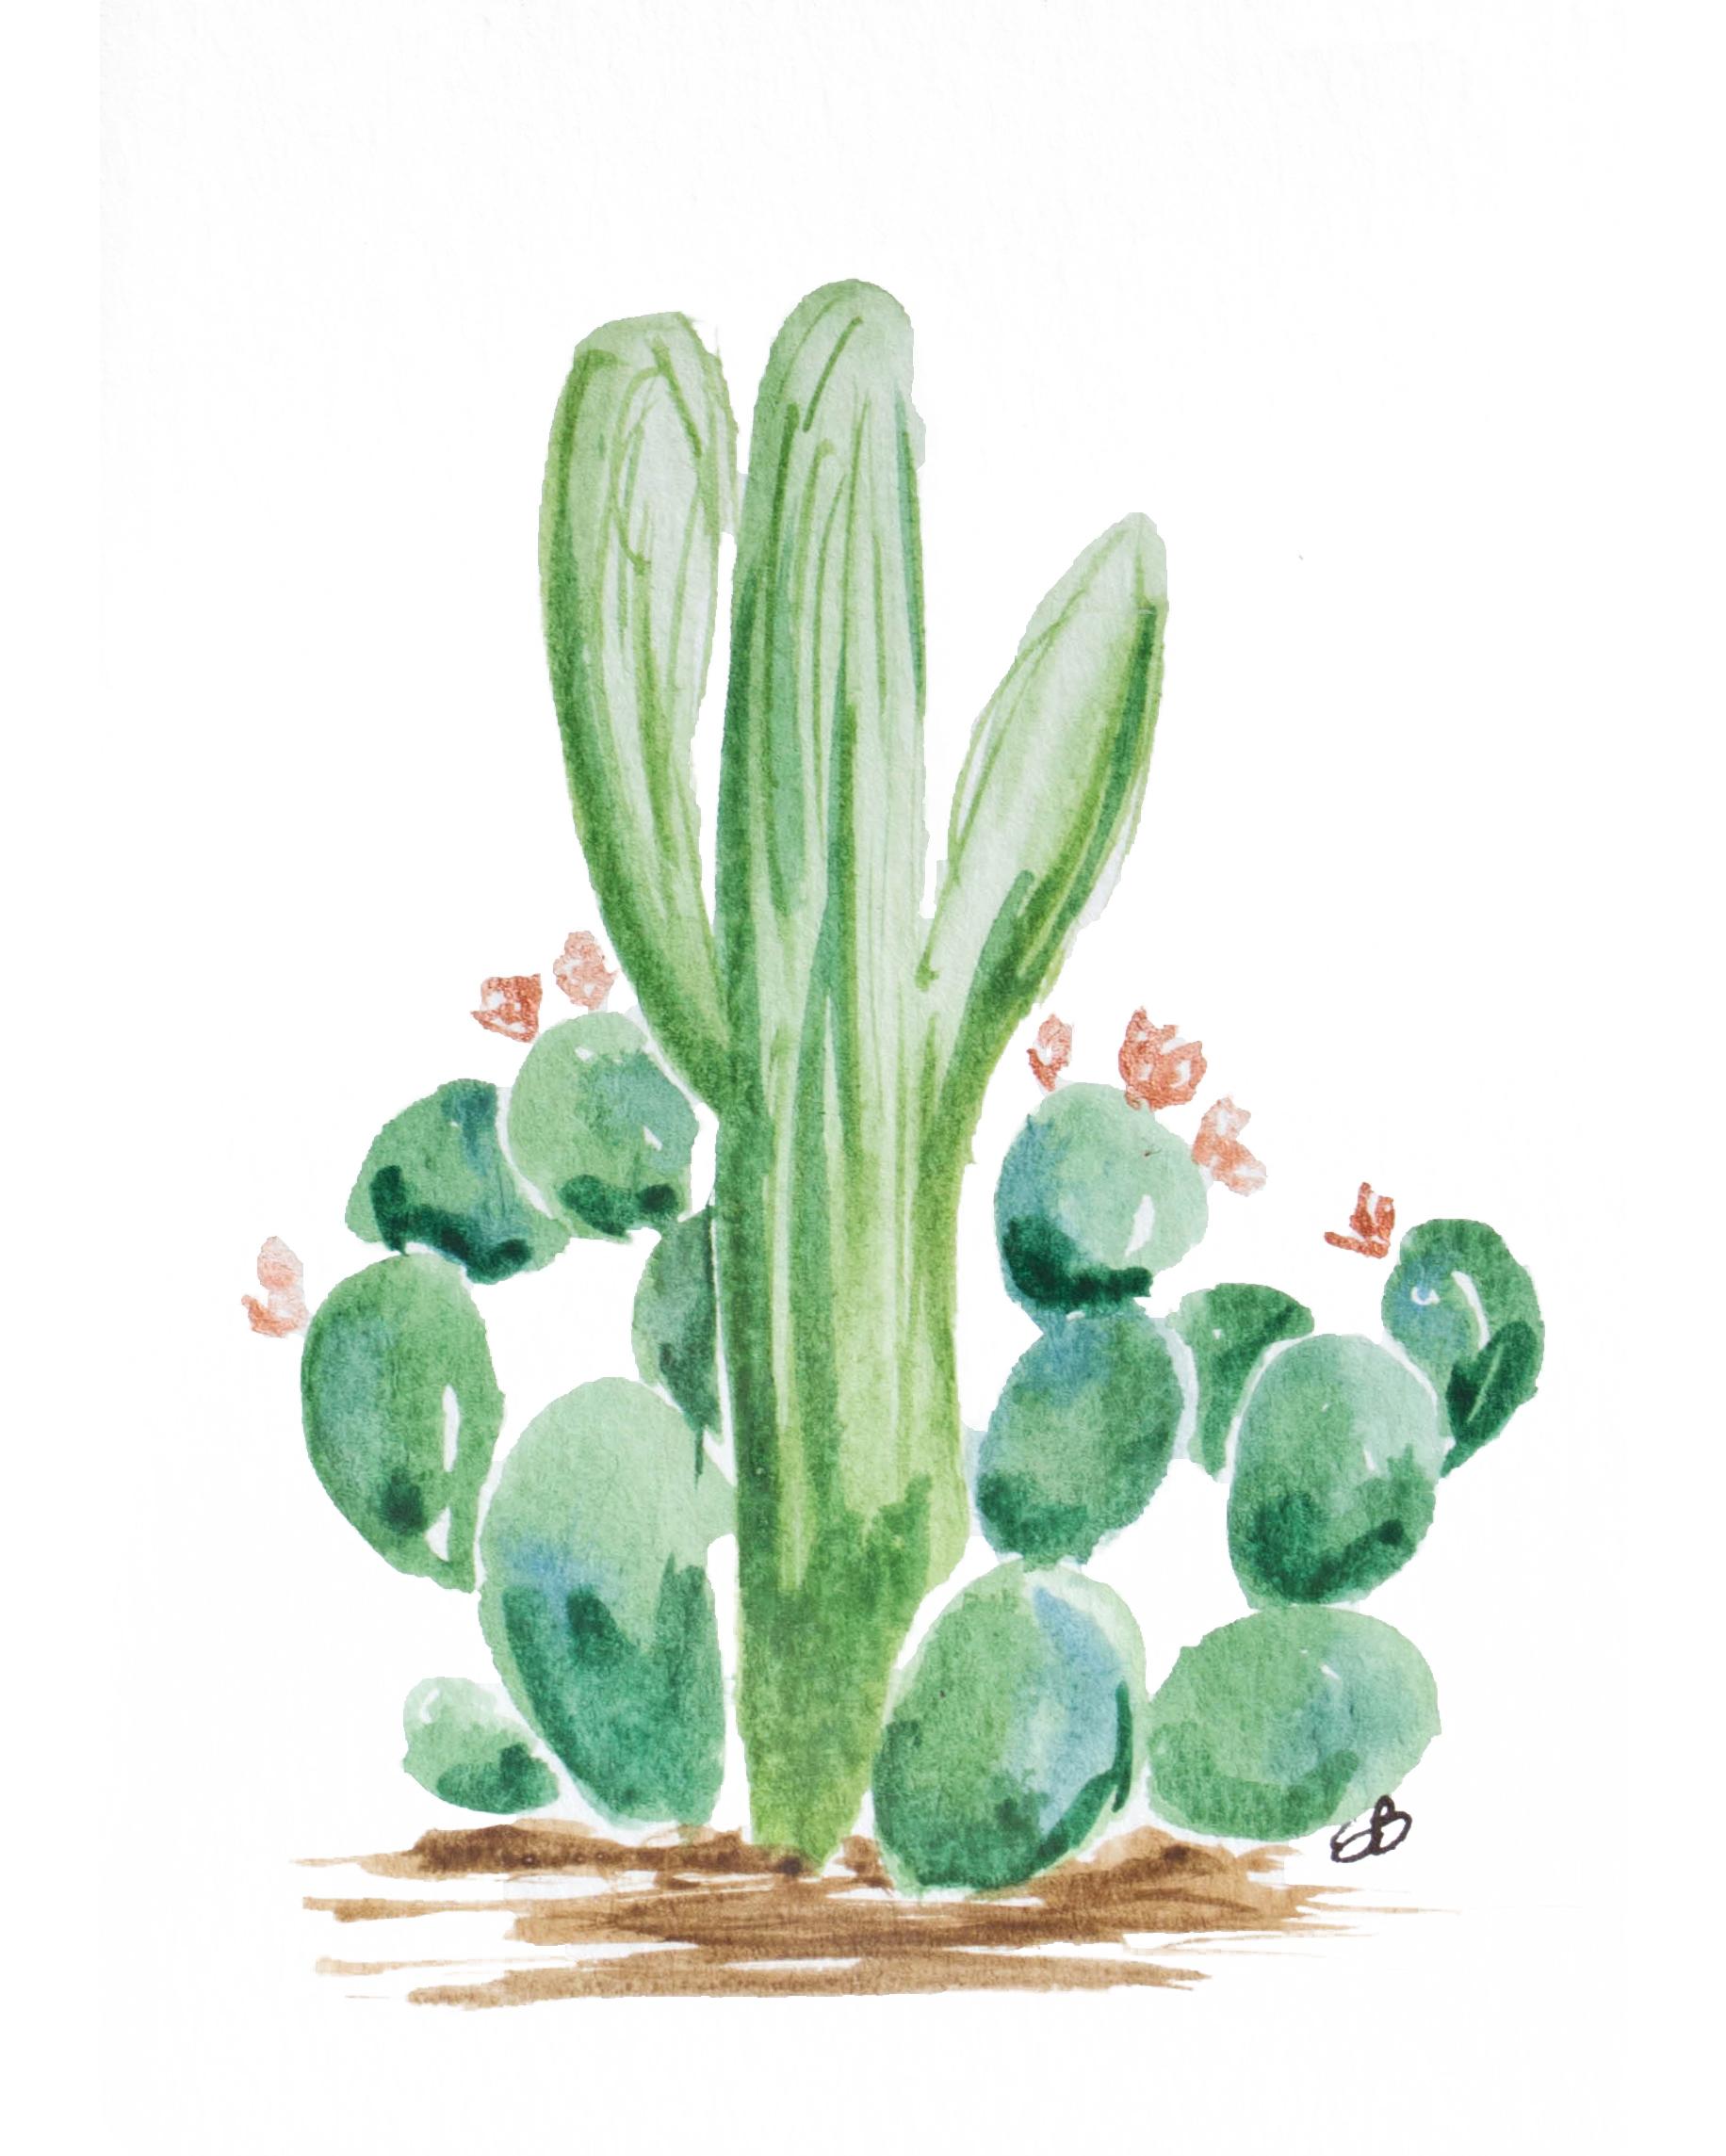 Cactus2_8x10.jpg